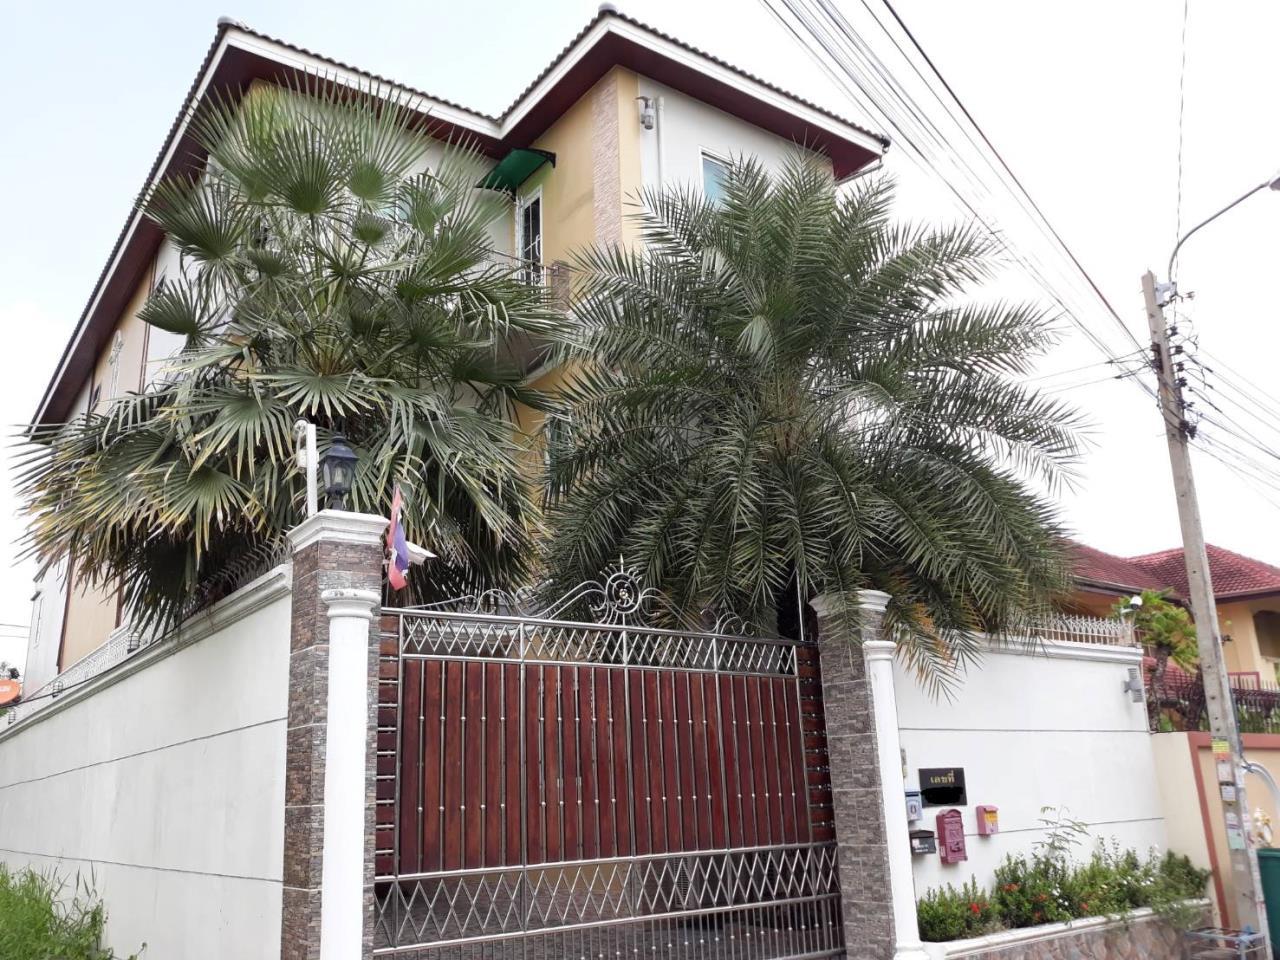 ขาย บ้าน แขวงท่าแร้ง เขตบางเขน กรุงเทพมหานคร, ภาพที่ 2